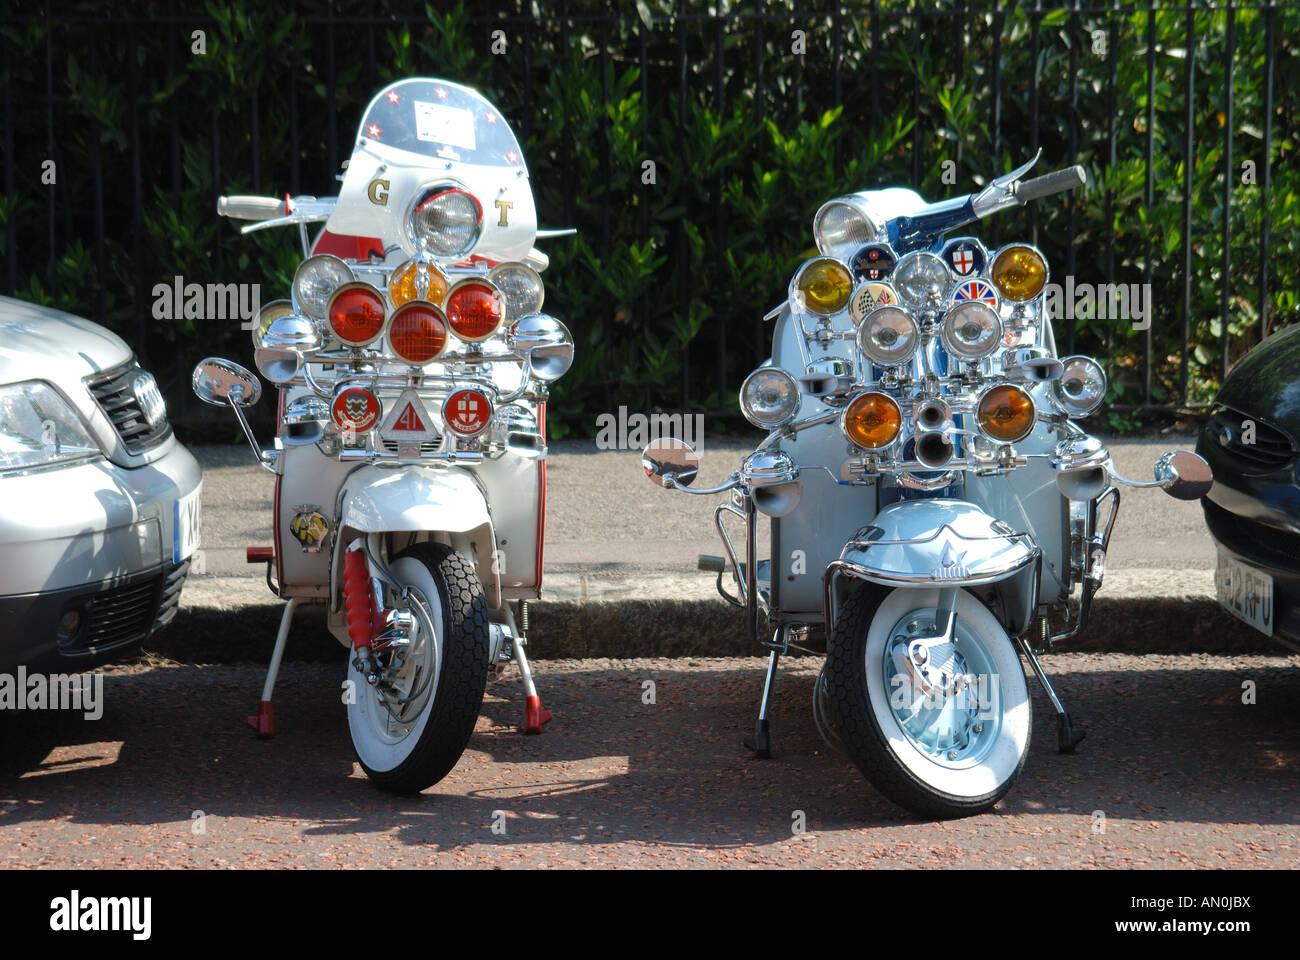 Modernas motos Imagen De Stock